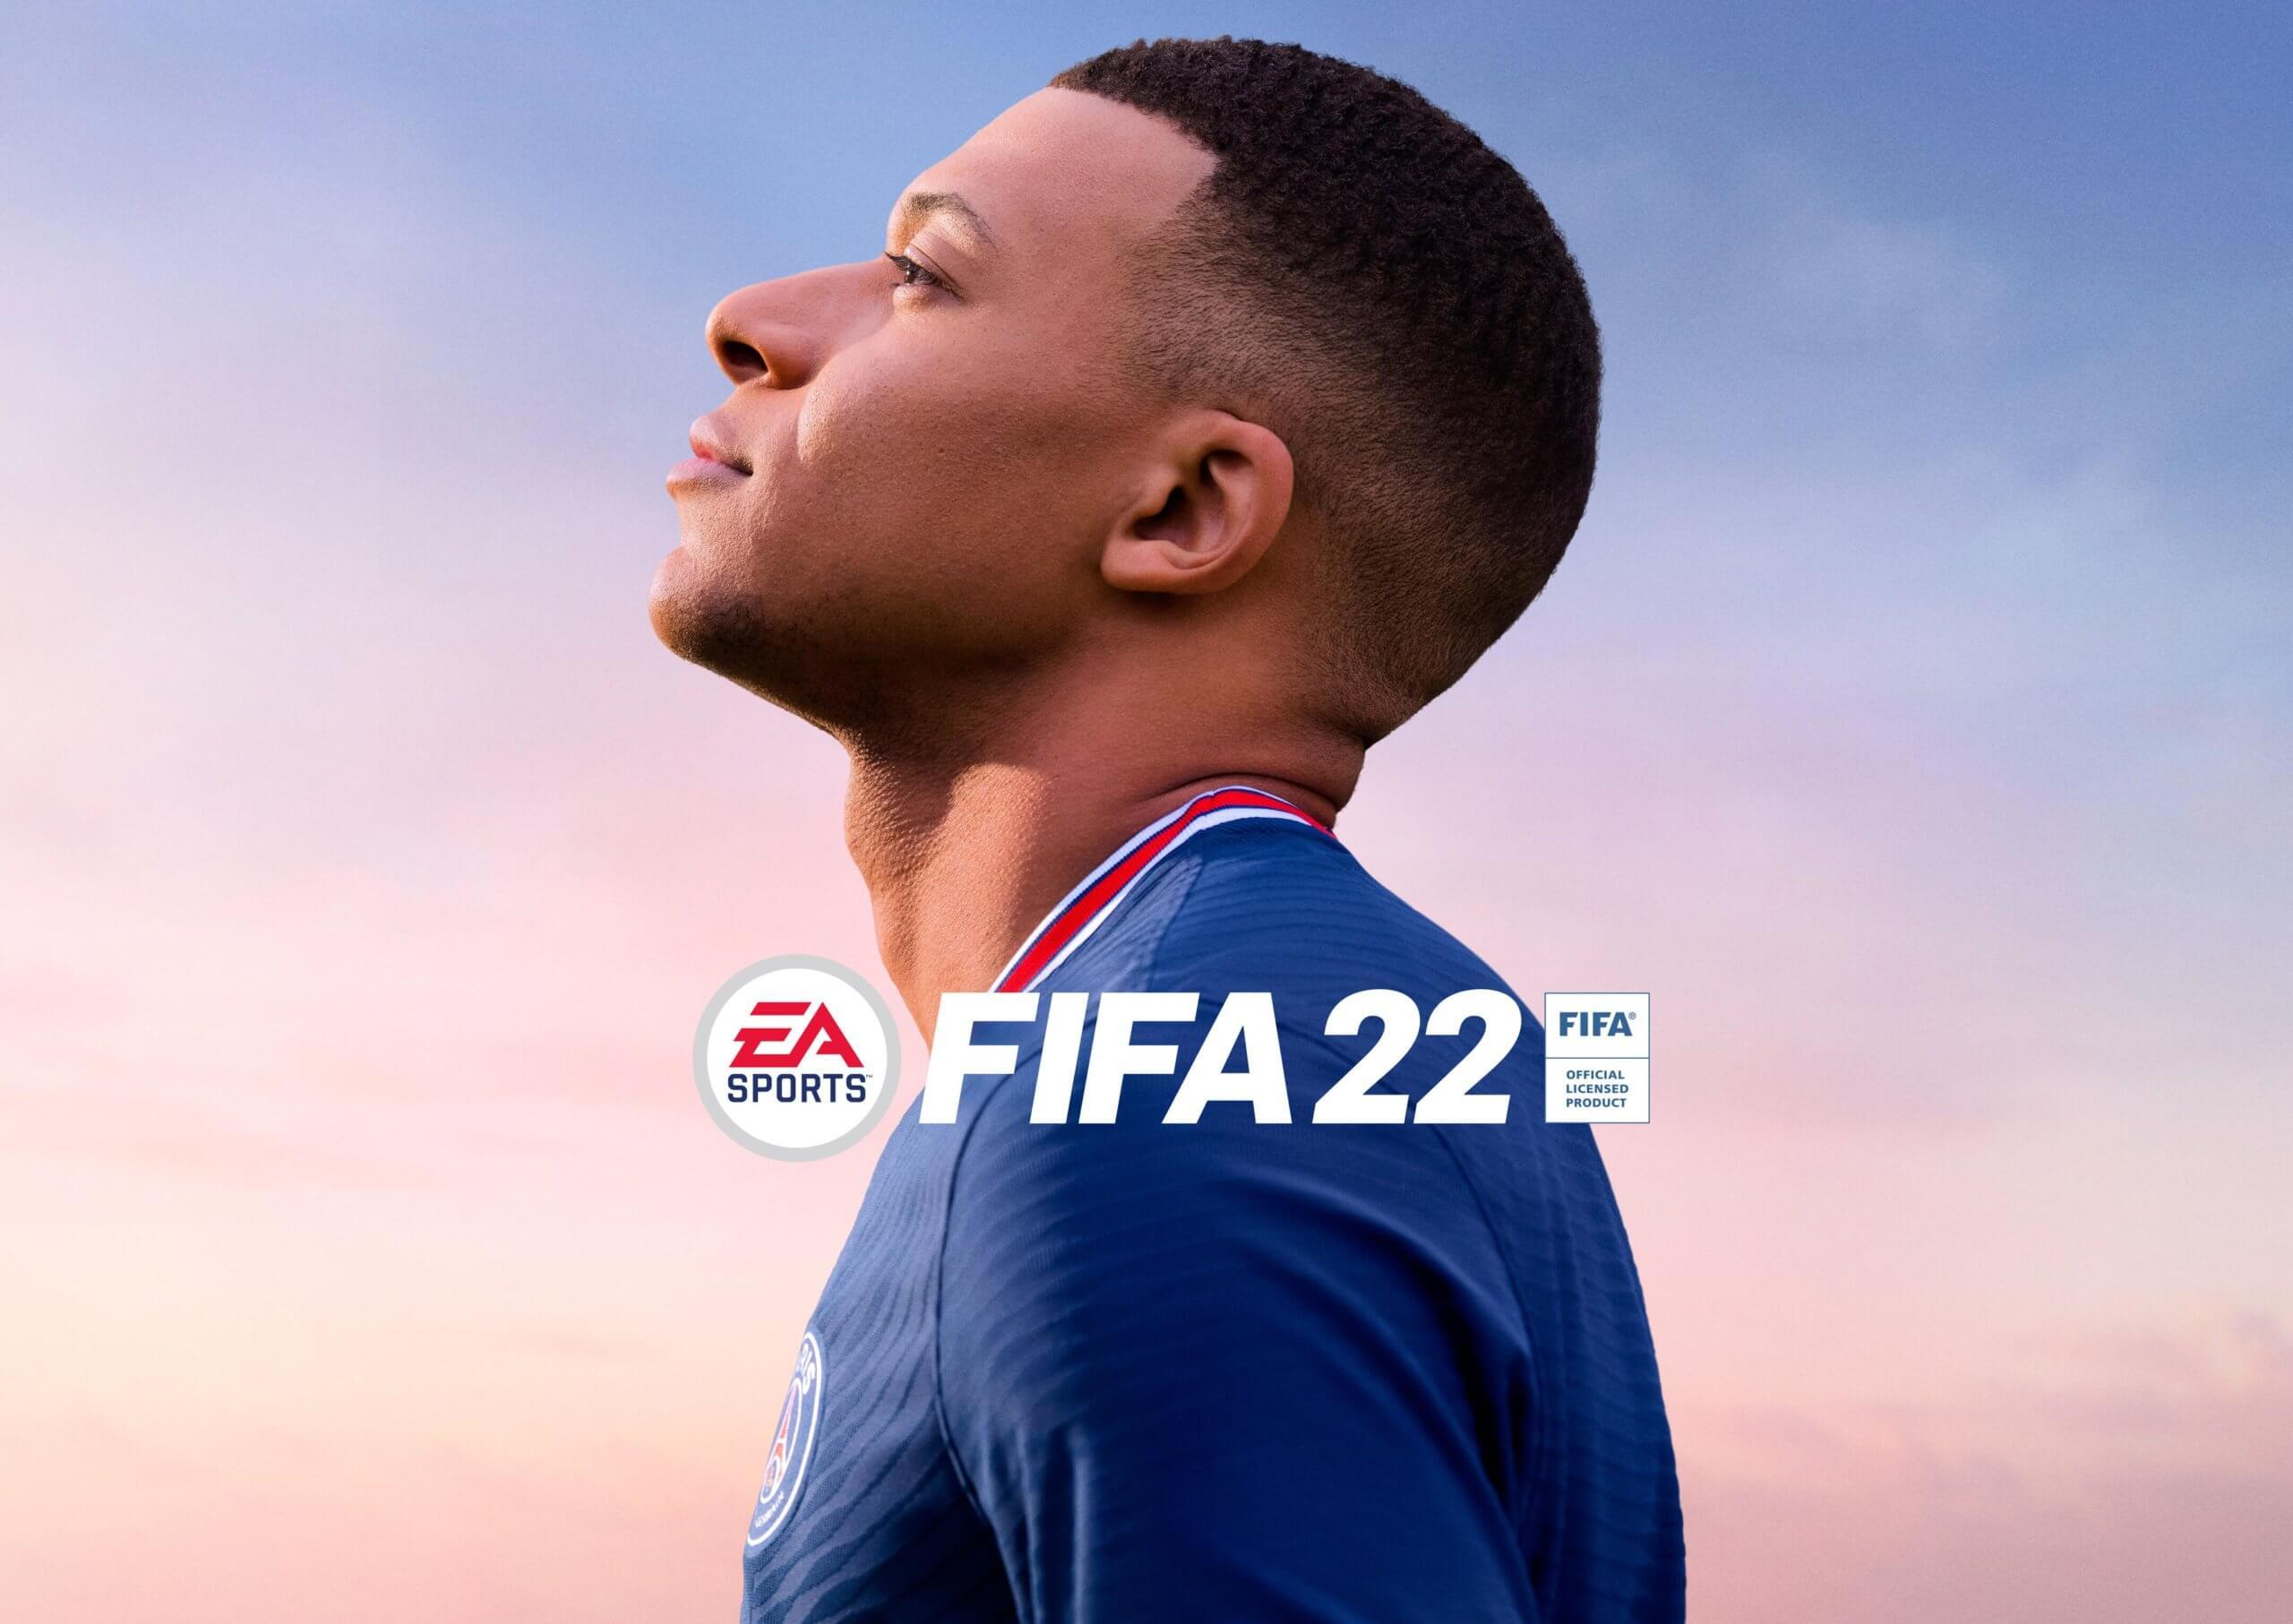 FIFA 22 solo tendrá upgrade gratuito de PS4 a PS5 si compras la Ultimate Edition de 99,99 euros